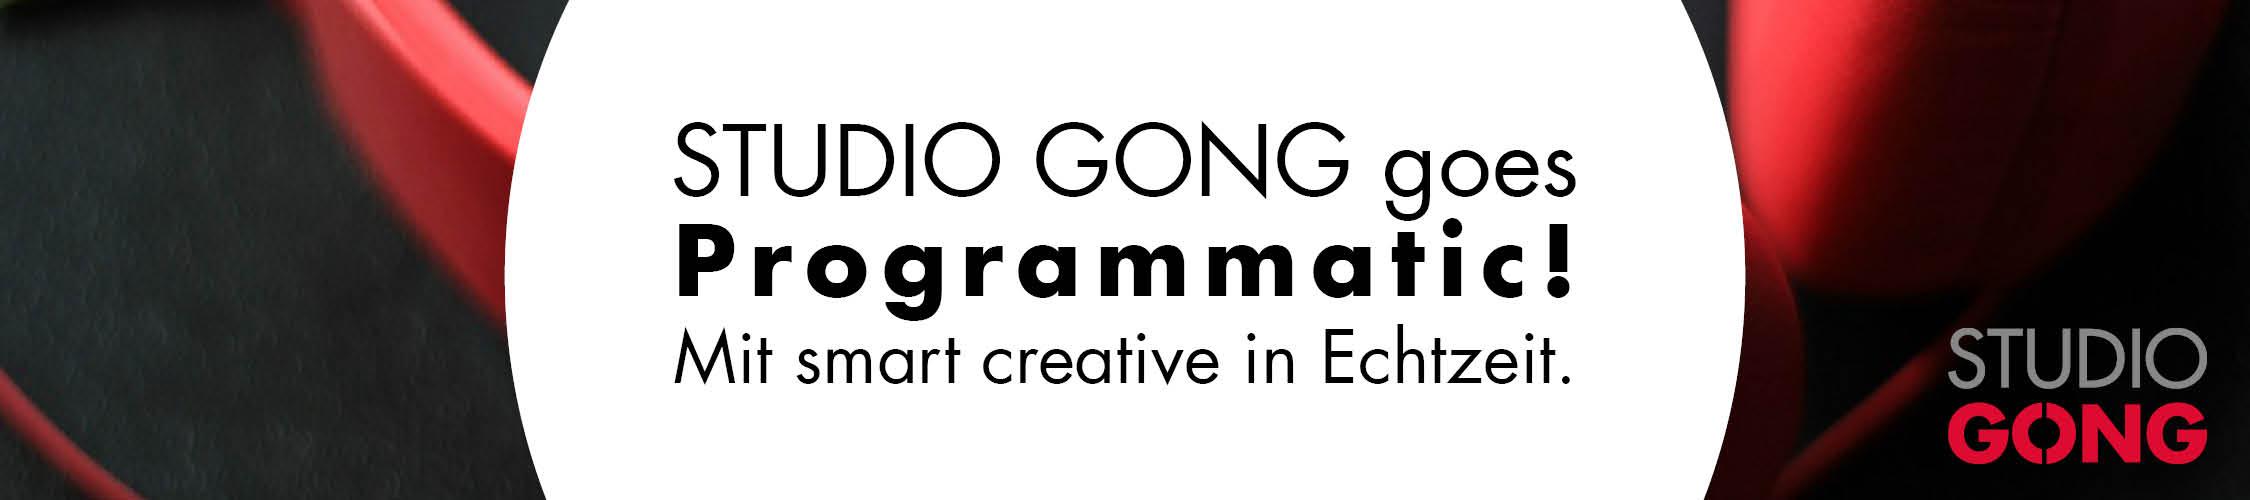 Beitragsbild STUDIO GONG smart creative